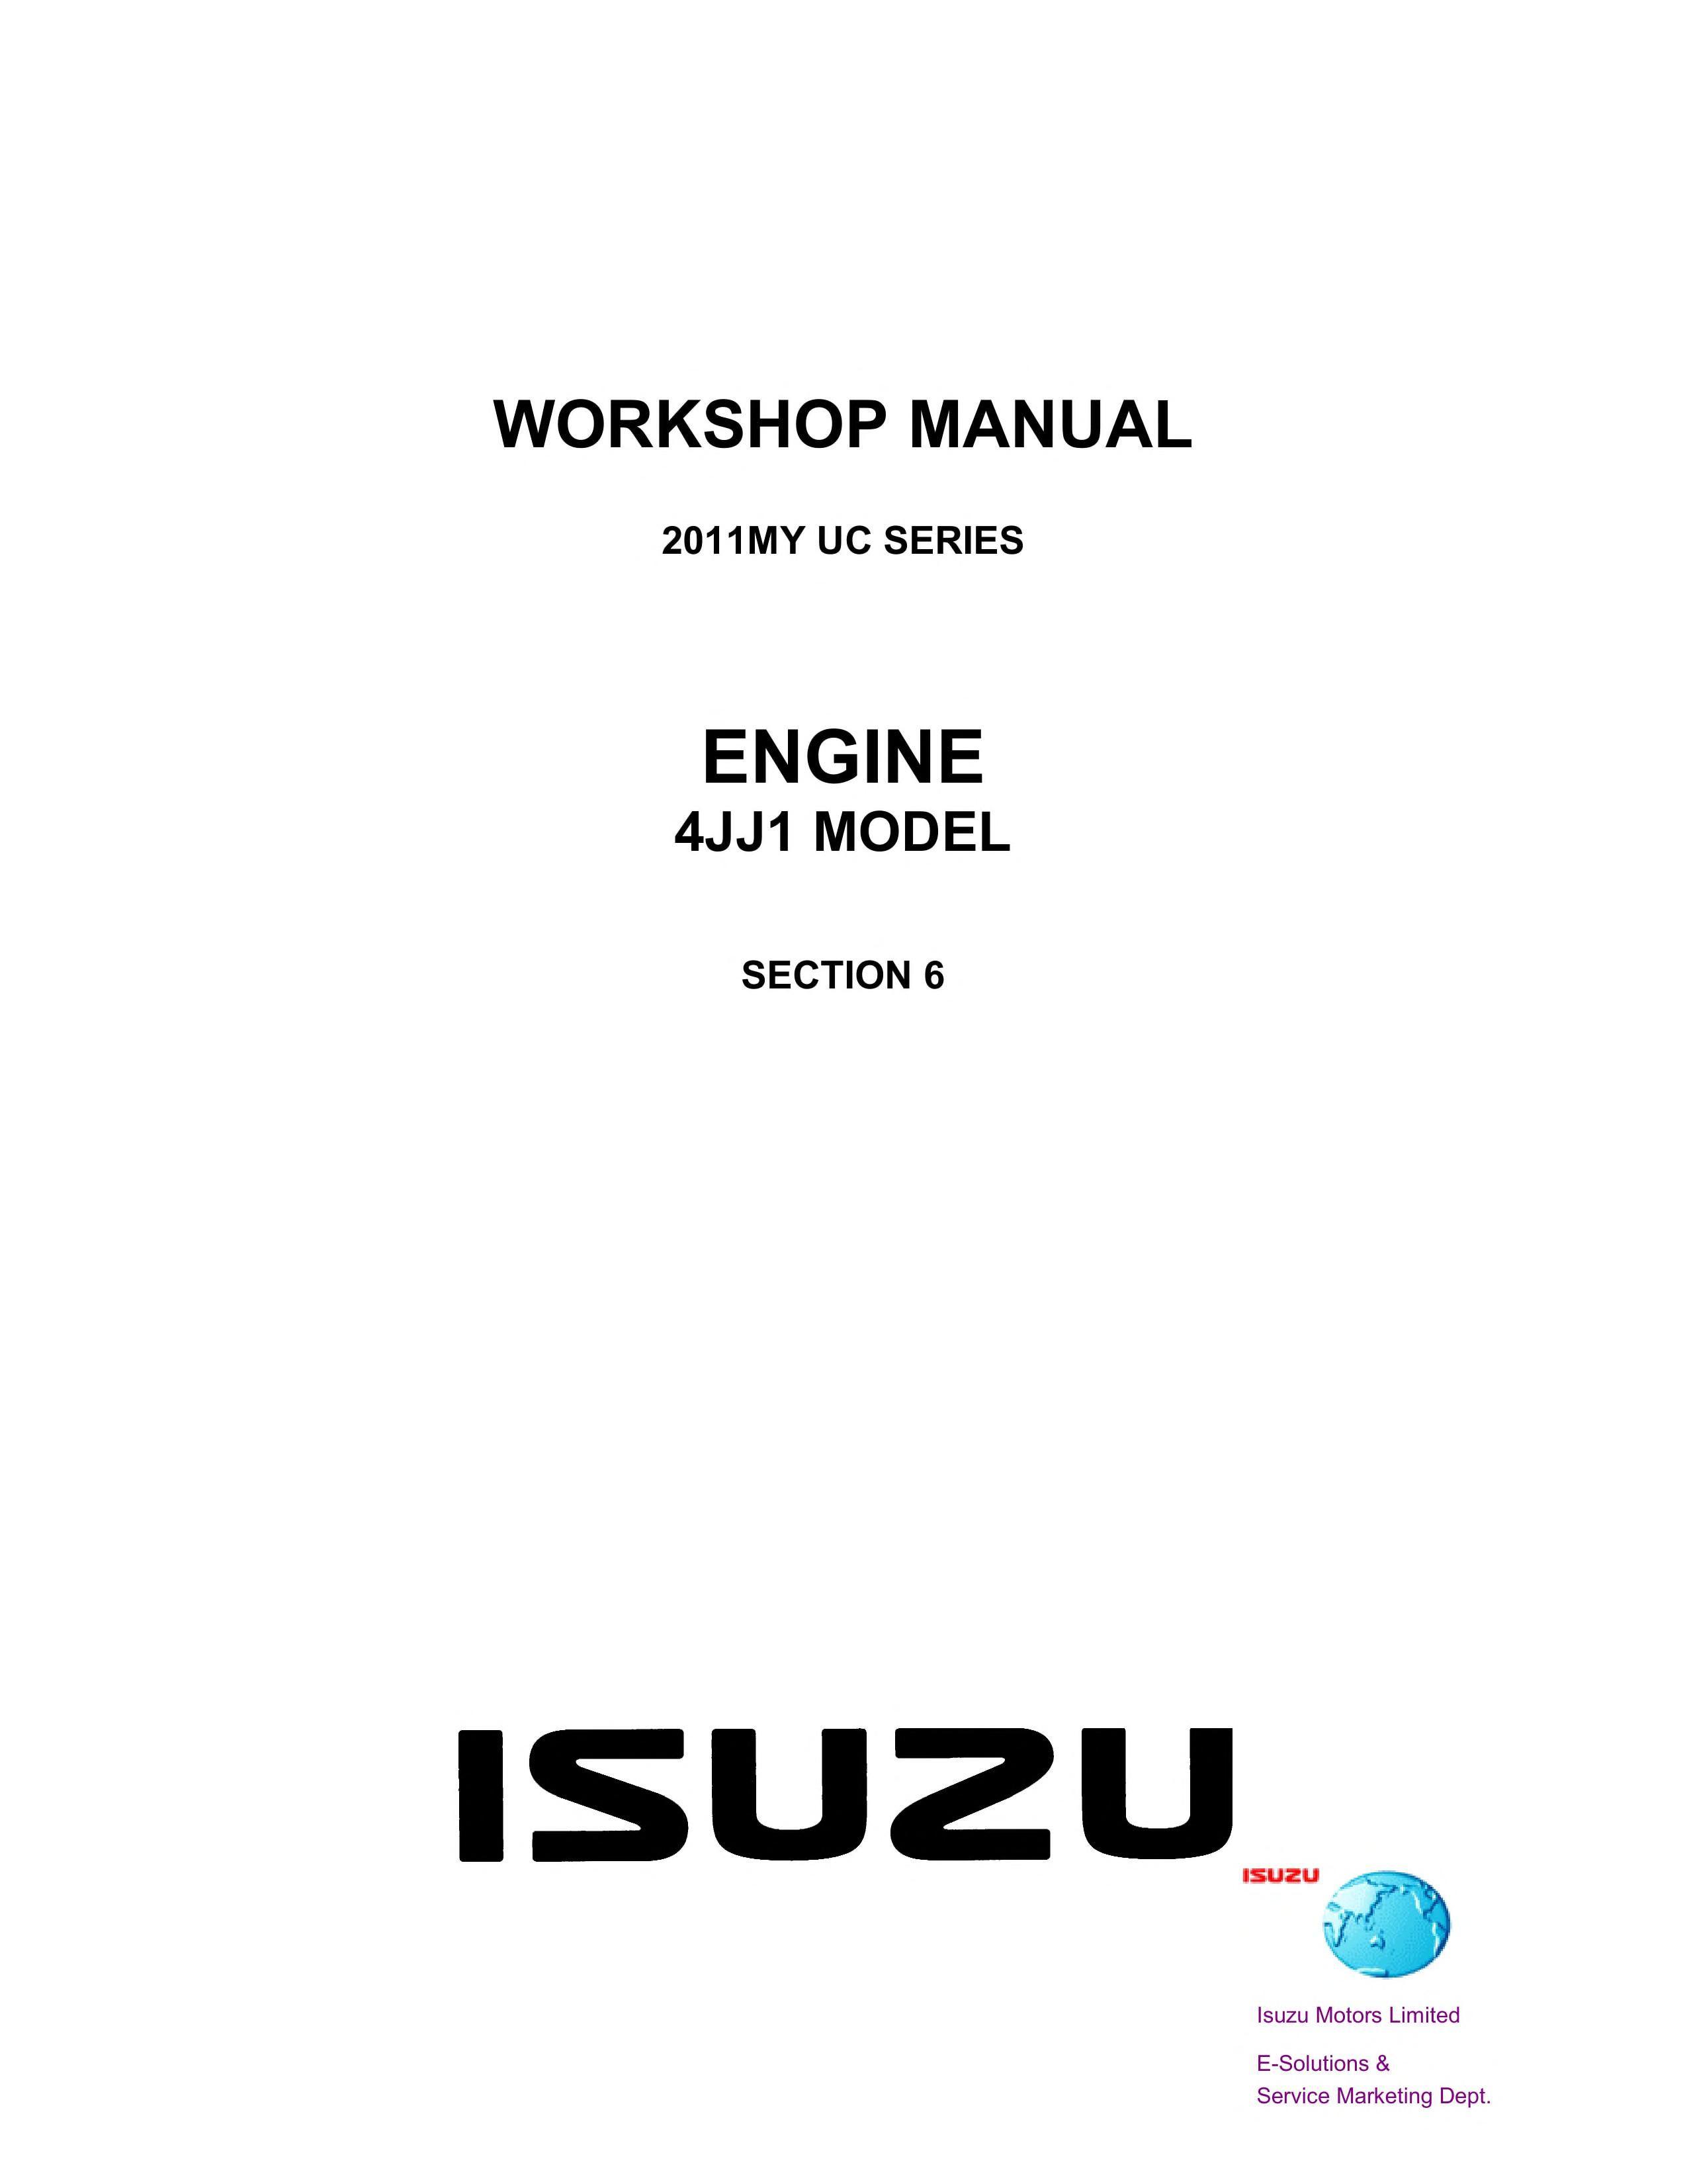 hight resolution of isuzu d max 2011 4jj1 engine service manual pdf pdfy mirror